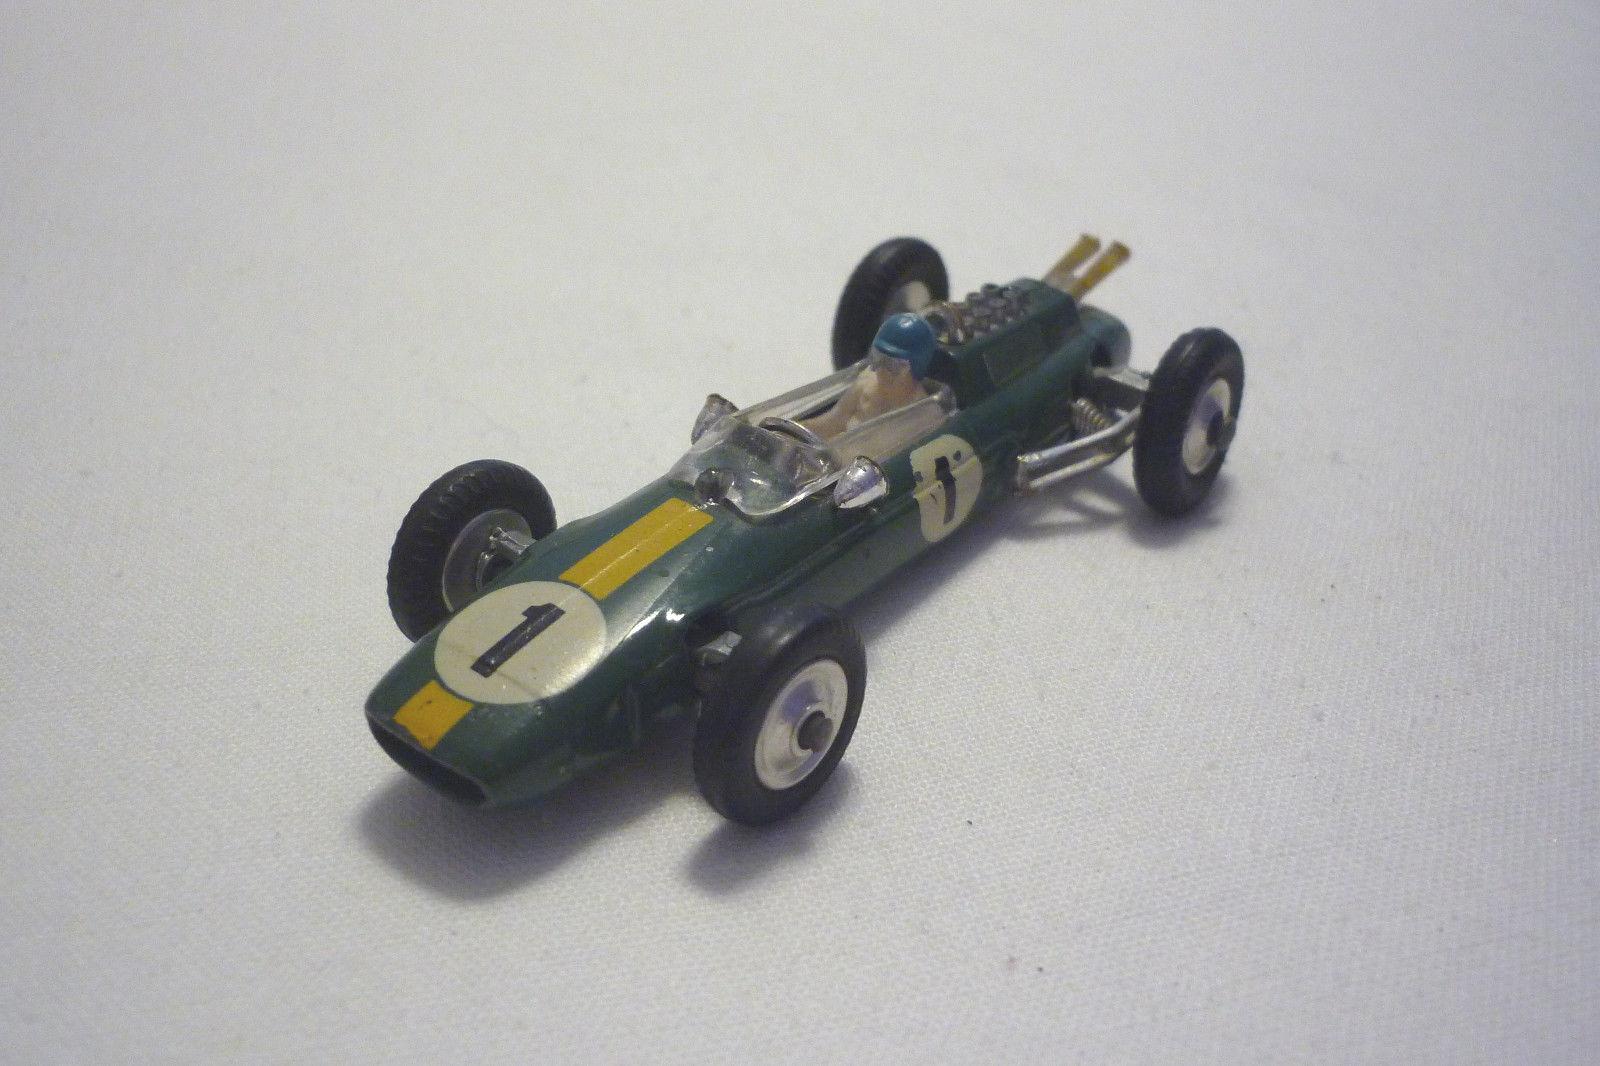 CORGI TOYS - Vintage modello in metallo - Lotus - - - CLIMAX - FORMULA 1 - (Corgi 07c8ac